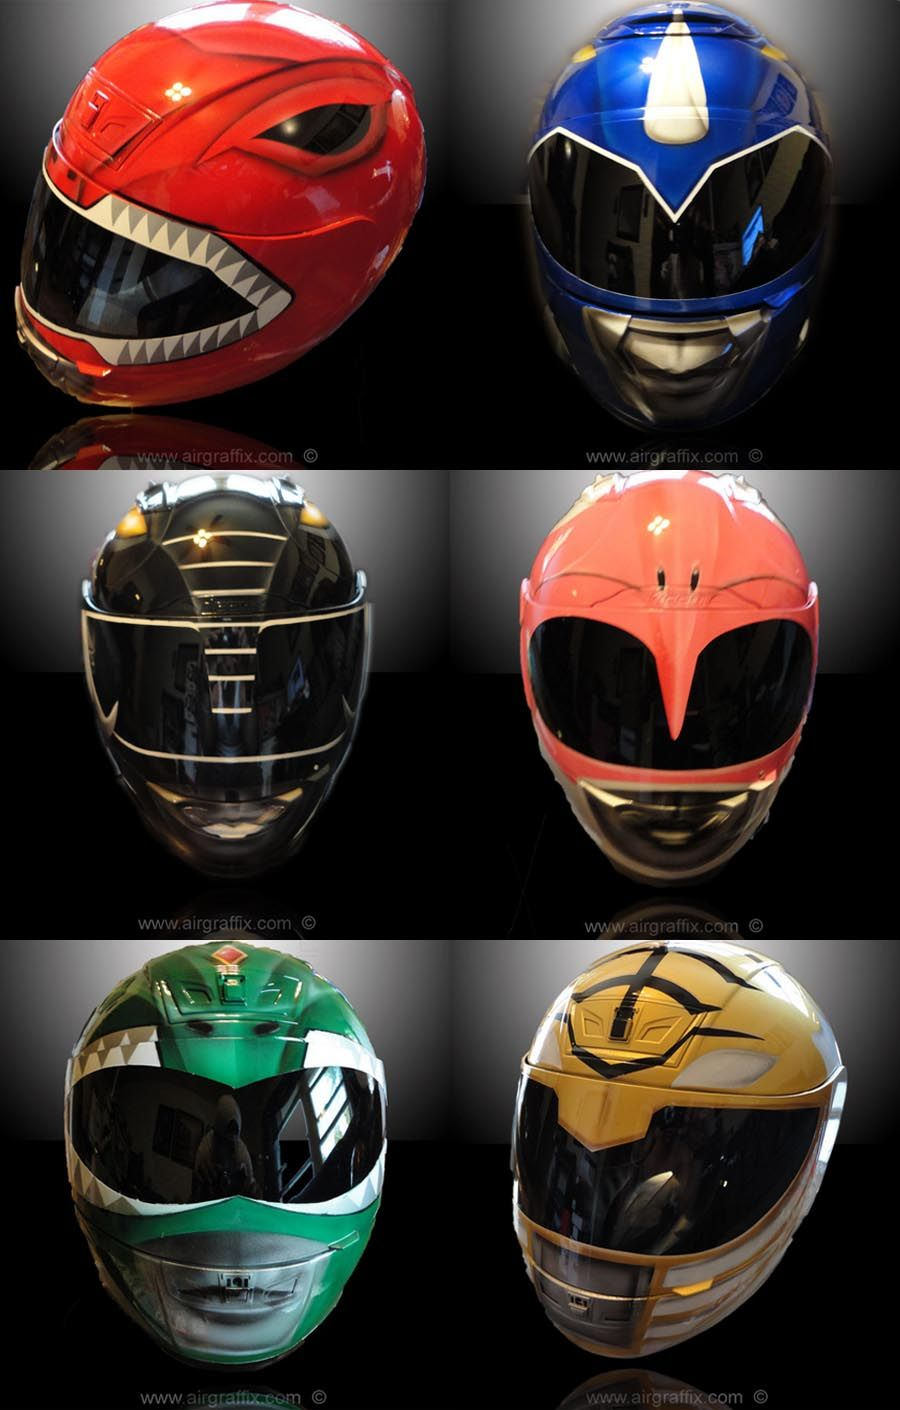 Auto Franco Además  custom-motorcycle-helmets-power-rangers-background..... | Custom motorcycle  helmets, Cool motorcycle helmets, Motorcycle helmets